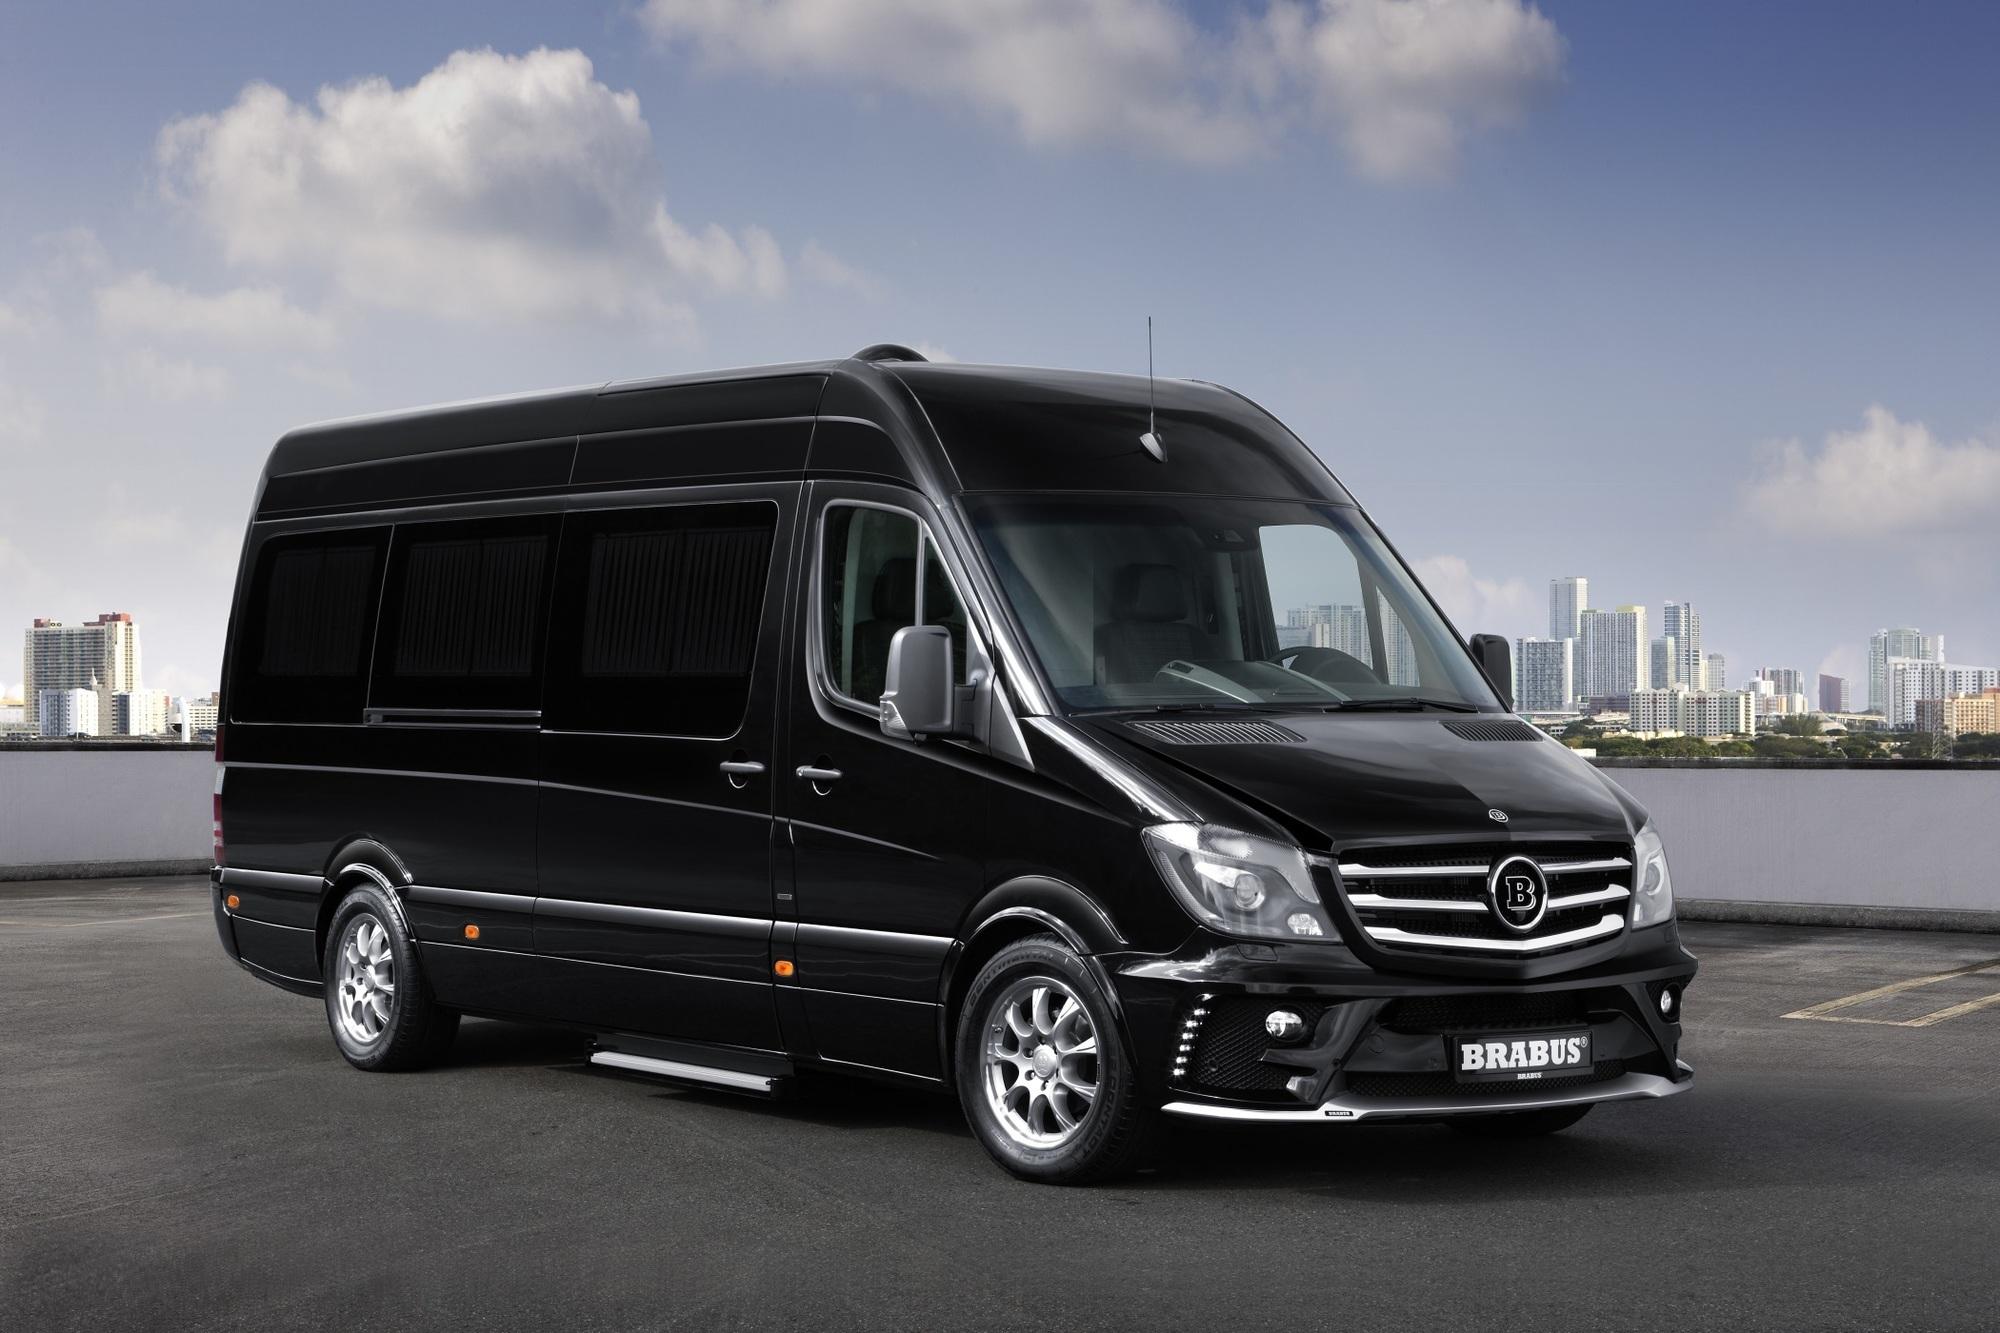 Mercedes Sprinter als Brabus Business Lounge - Schickes Büro auf Rädern